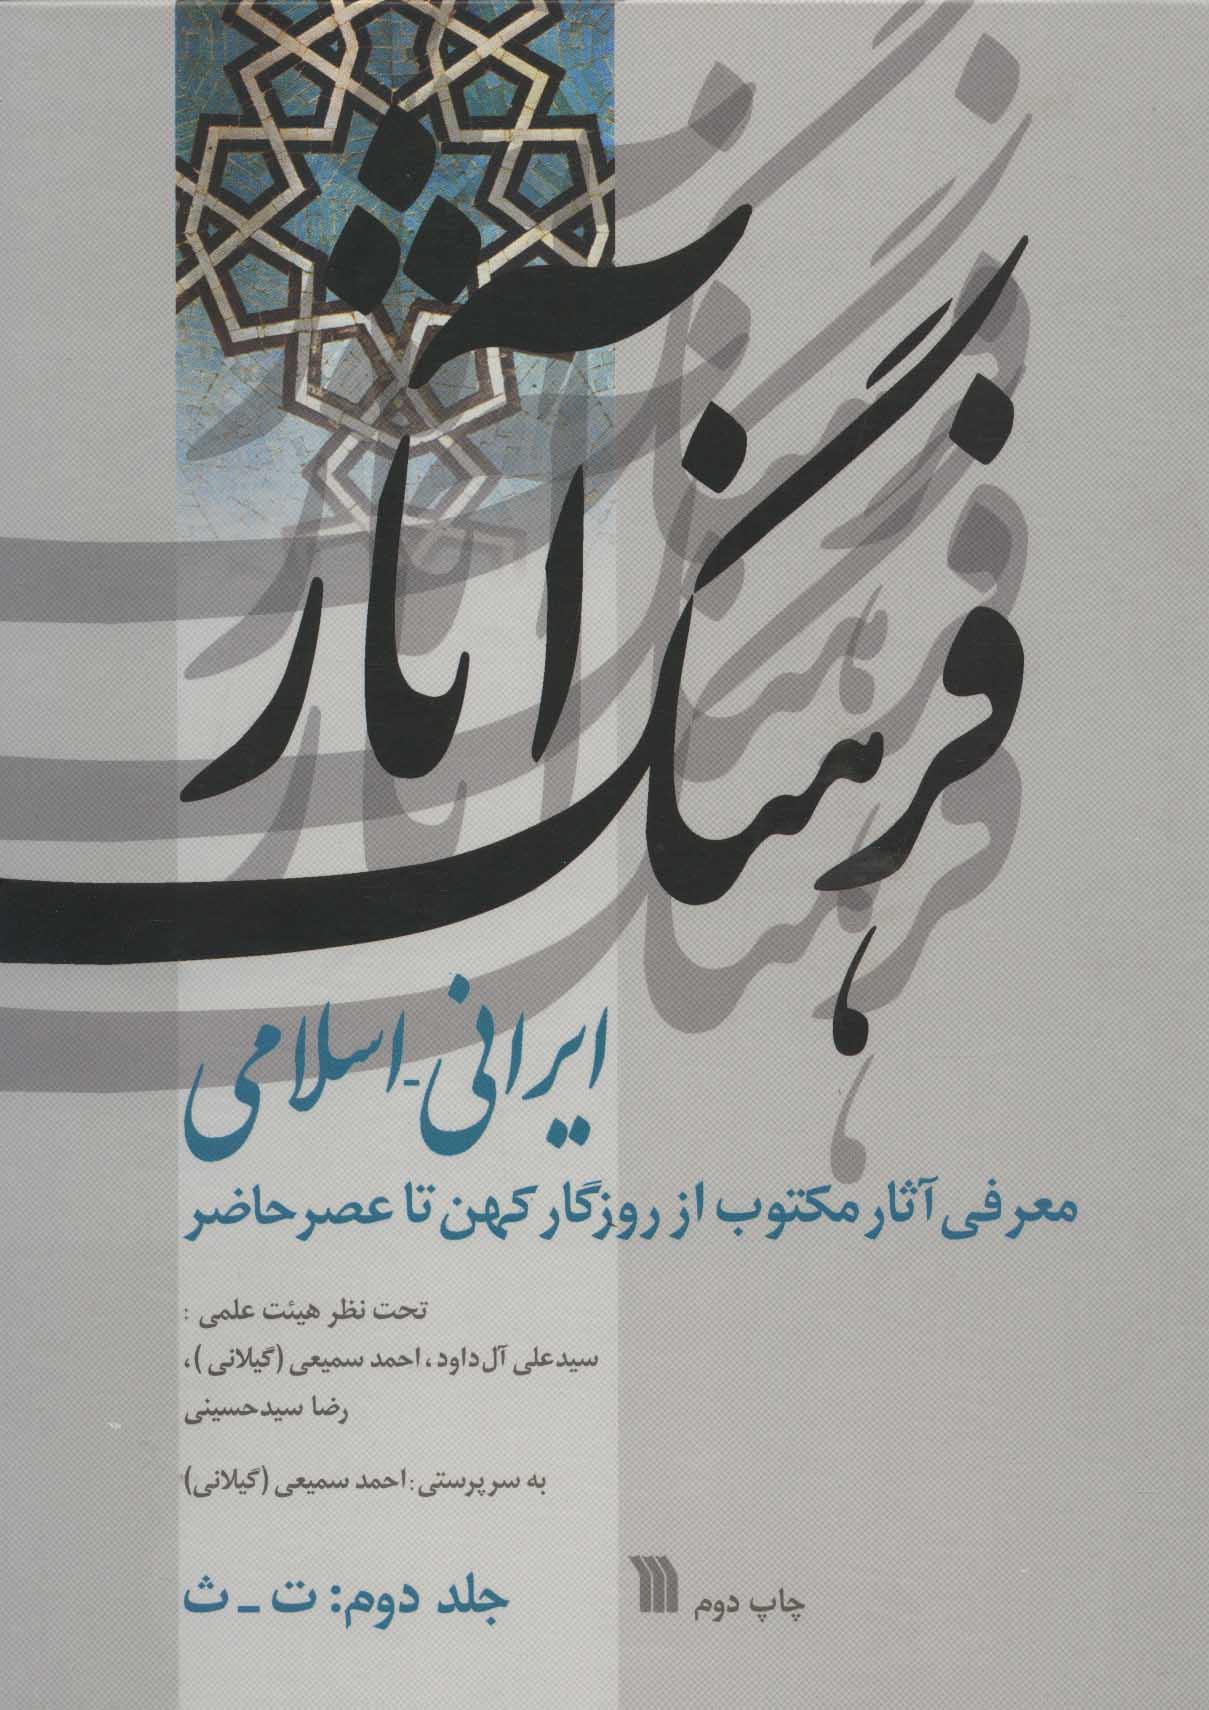 فرهنگ آثار ایرانی-اسلامی 2:ت-ث (معرفی آثار مکتوب از روزگار کهن تا عصر حاضر)